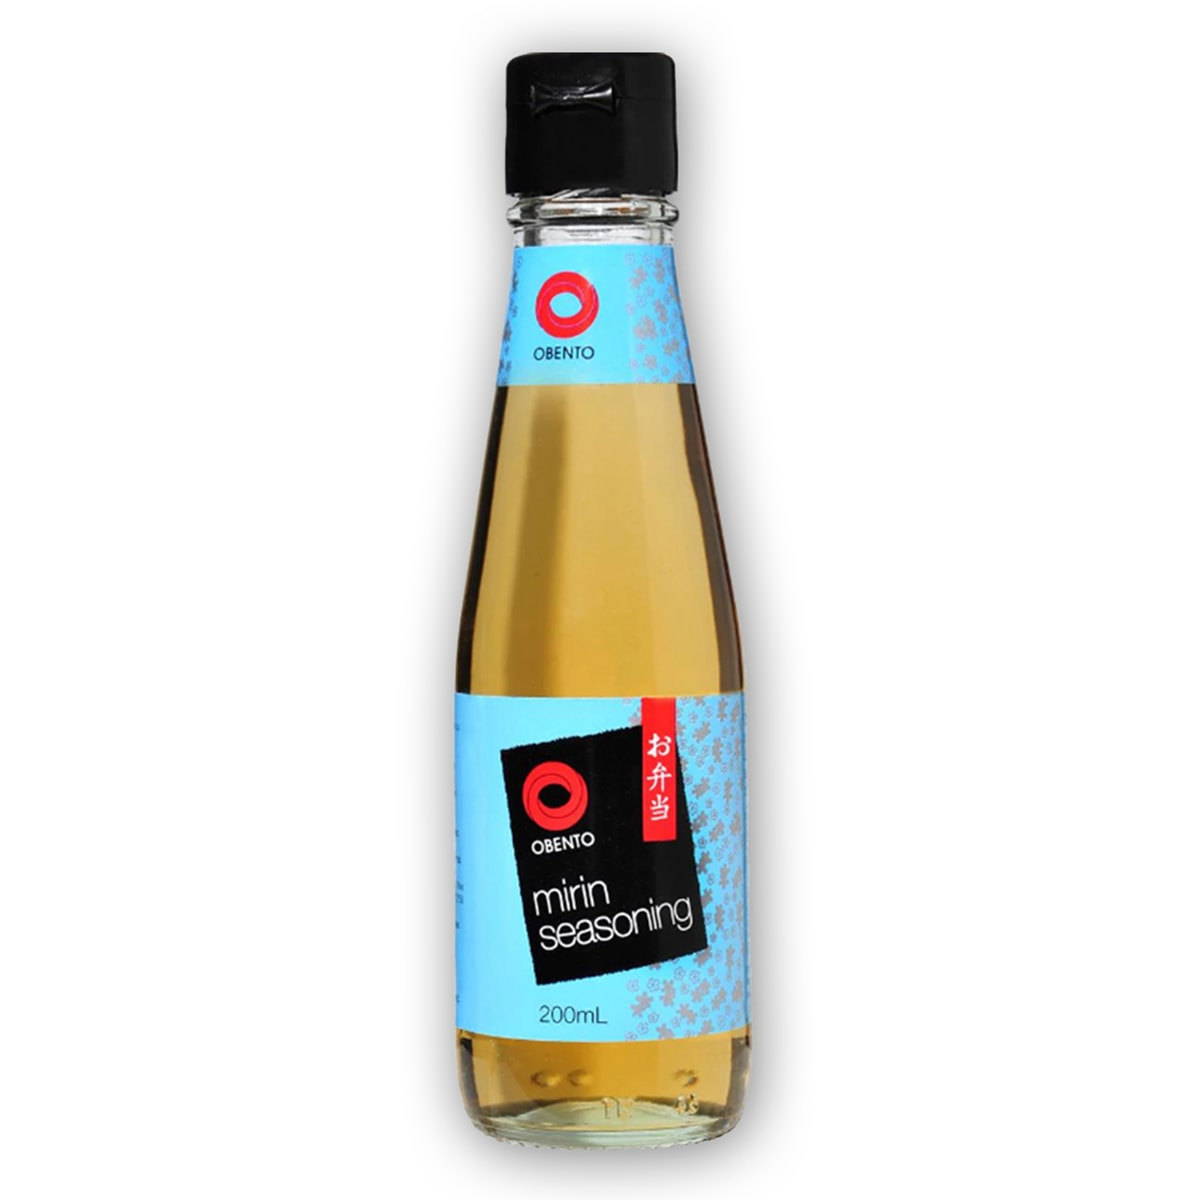 Buy Obento Mirin Seasoning - 200 ml